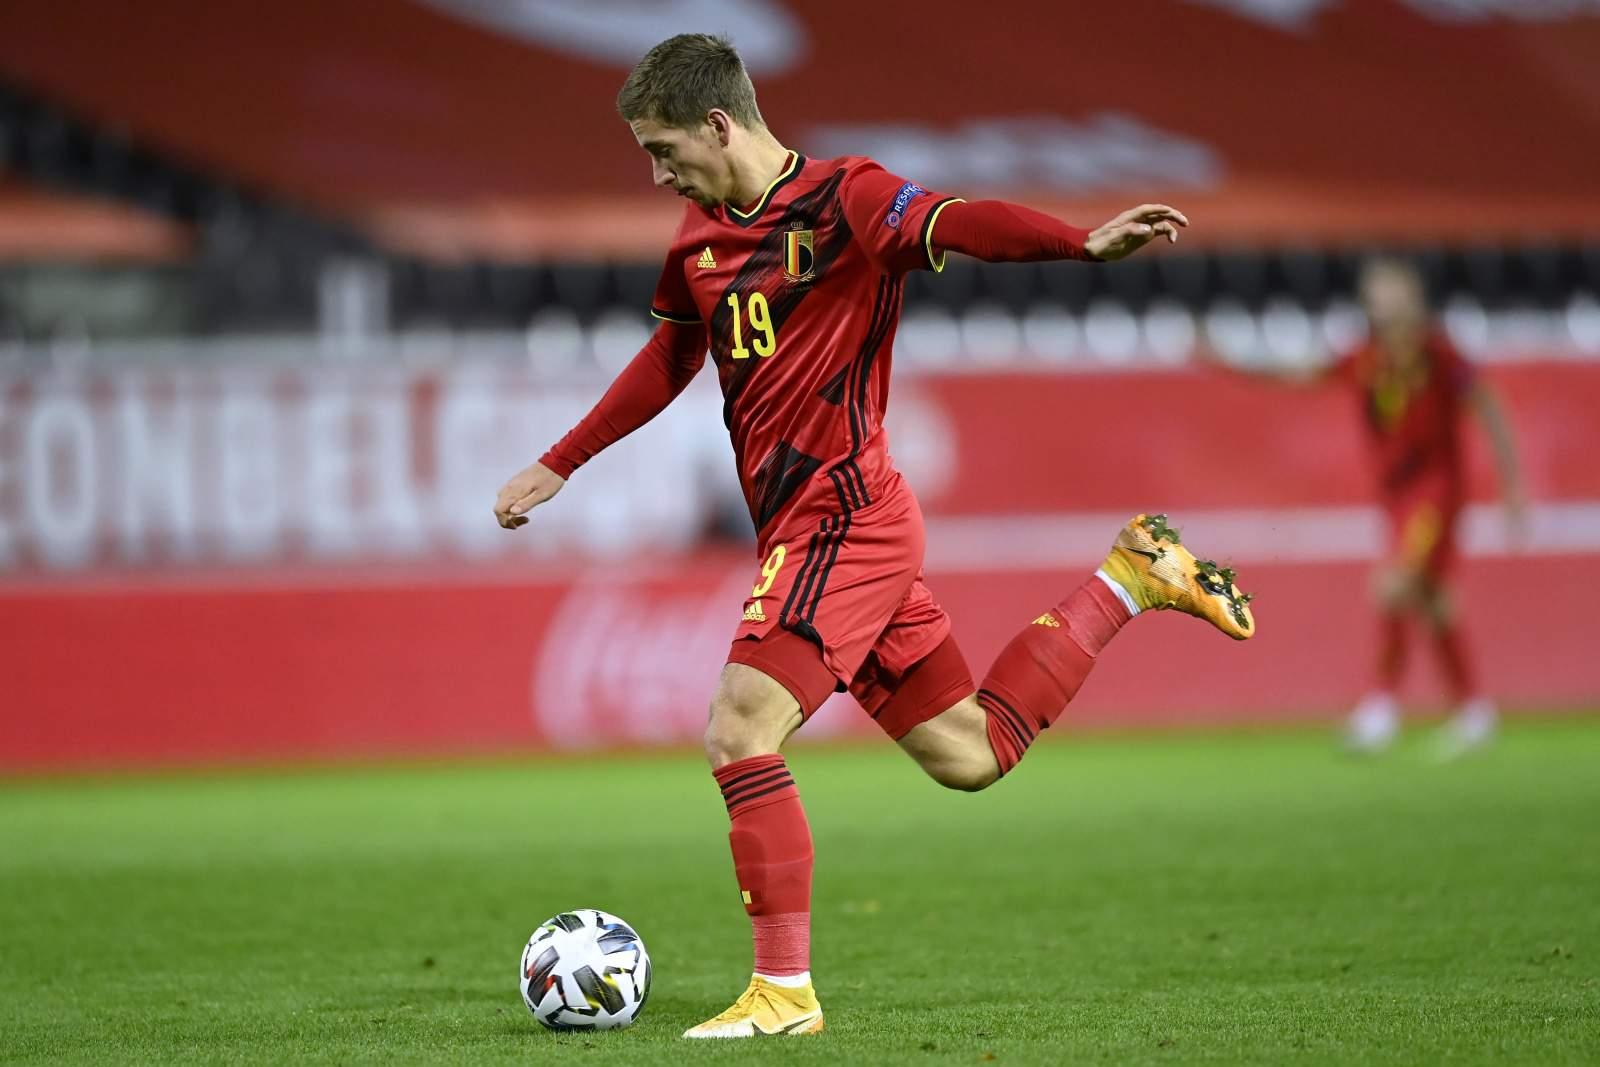 Бельгия одолела Беларусь в Казани